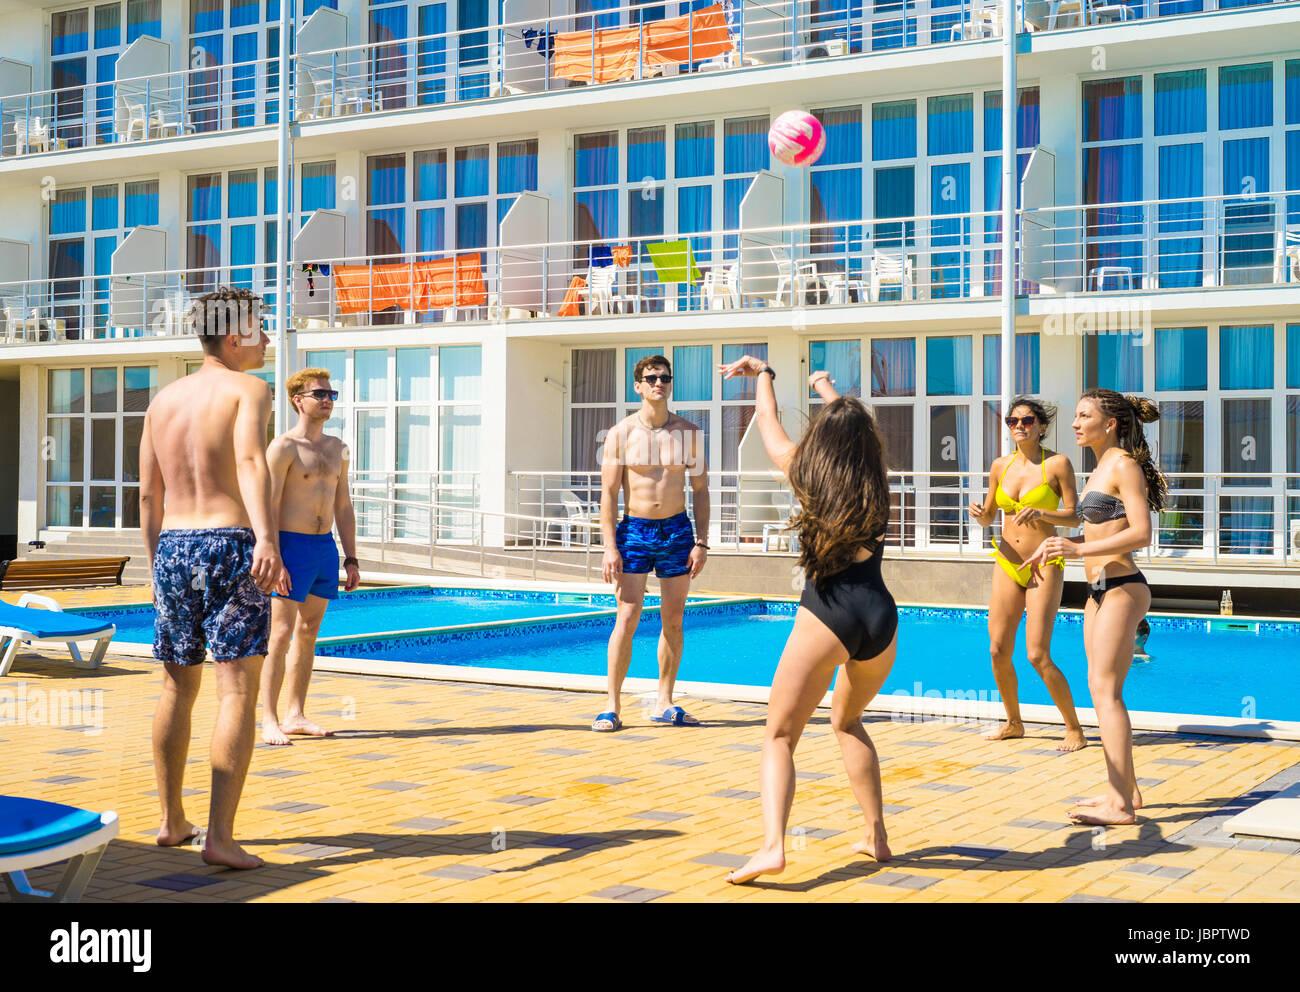 Groupe de joyeux des couples amis jouer au volley-ball Photo Stock